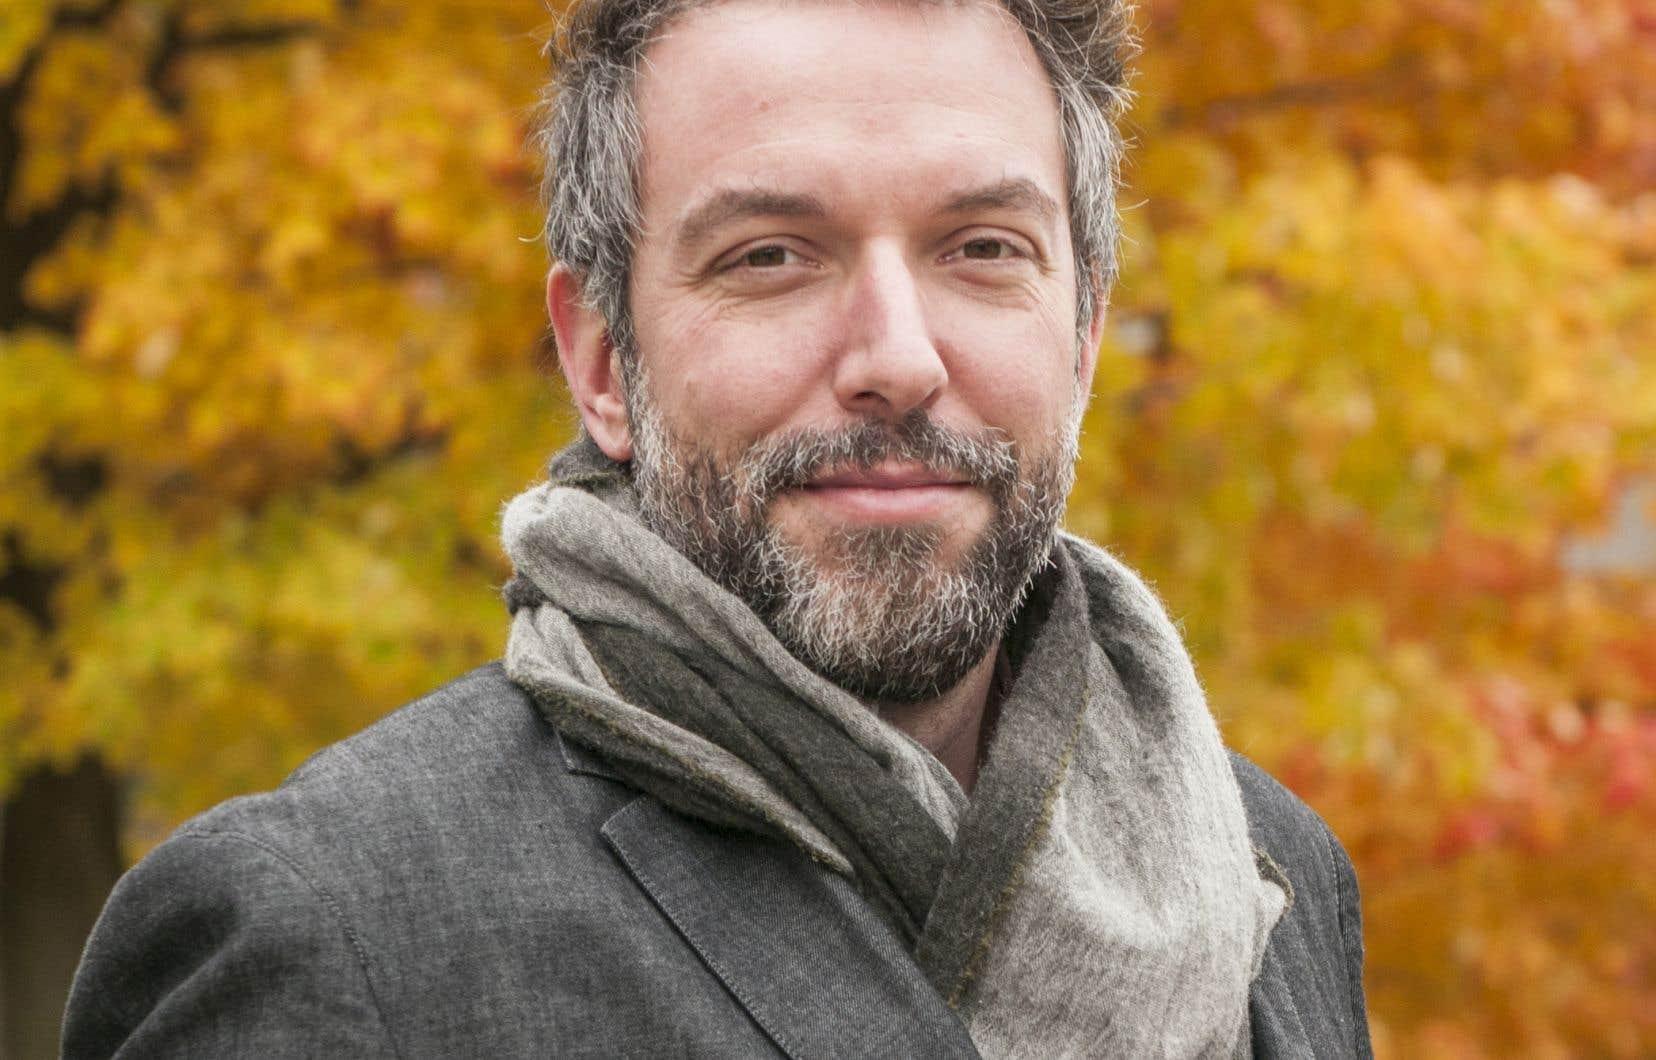 Jean-Simon DesRochers